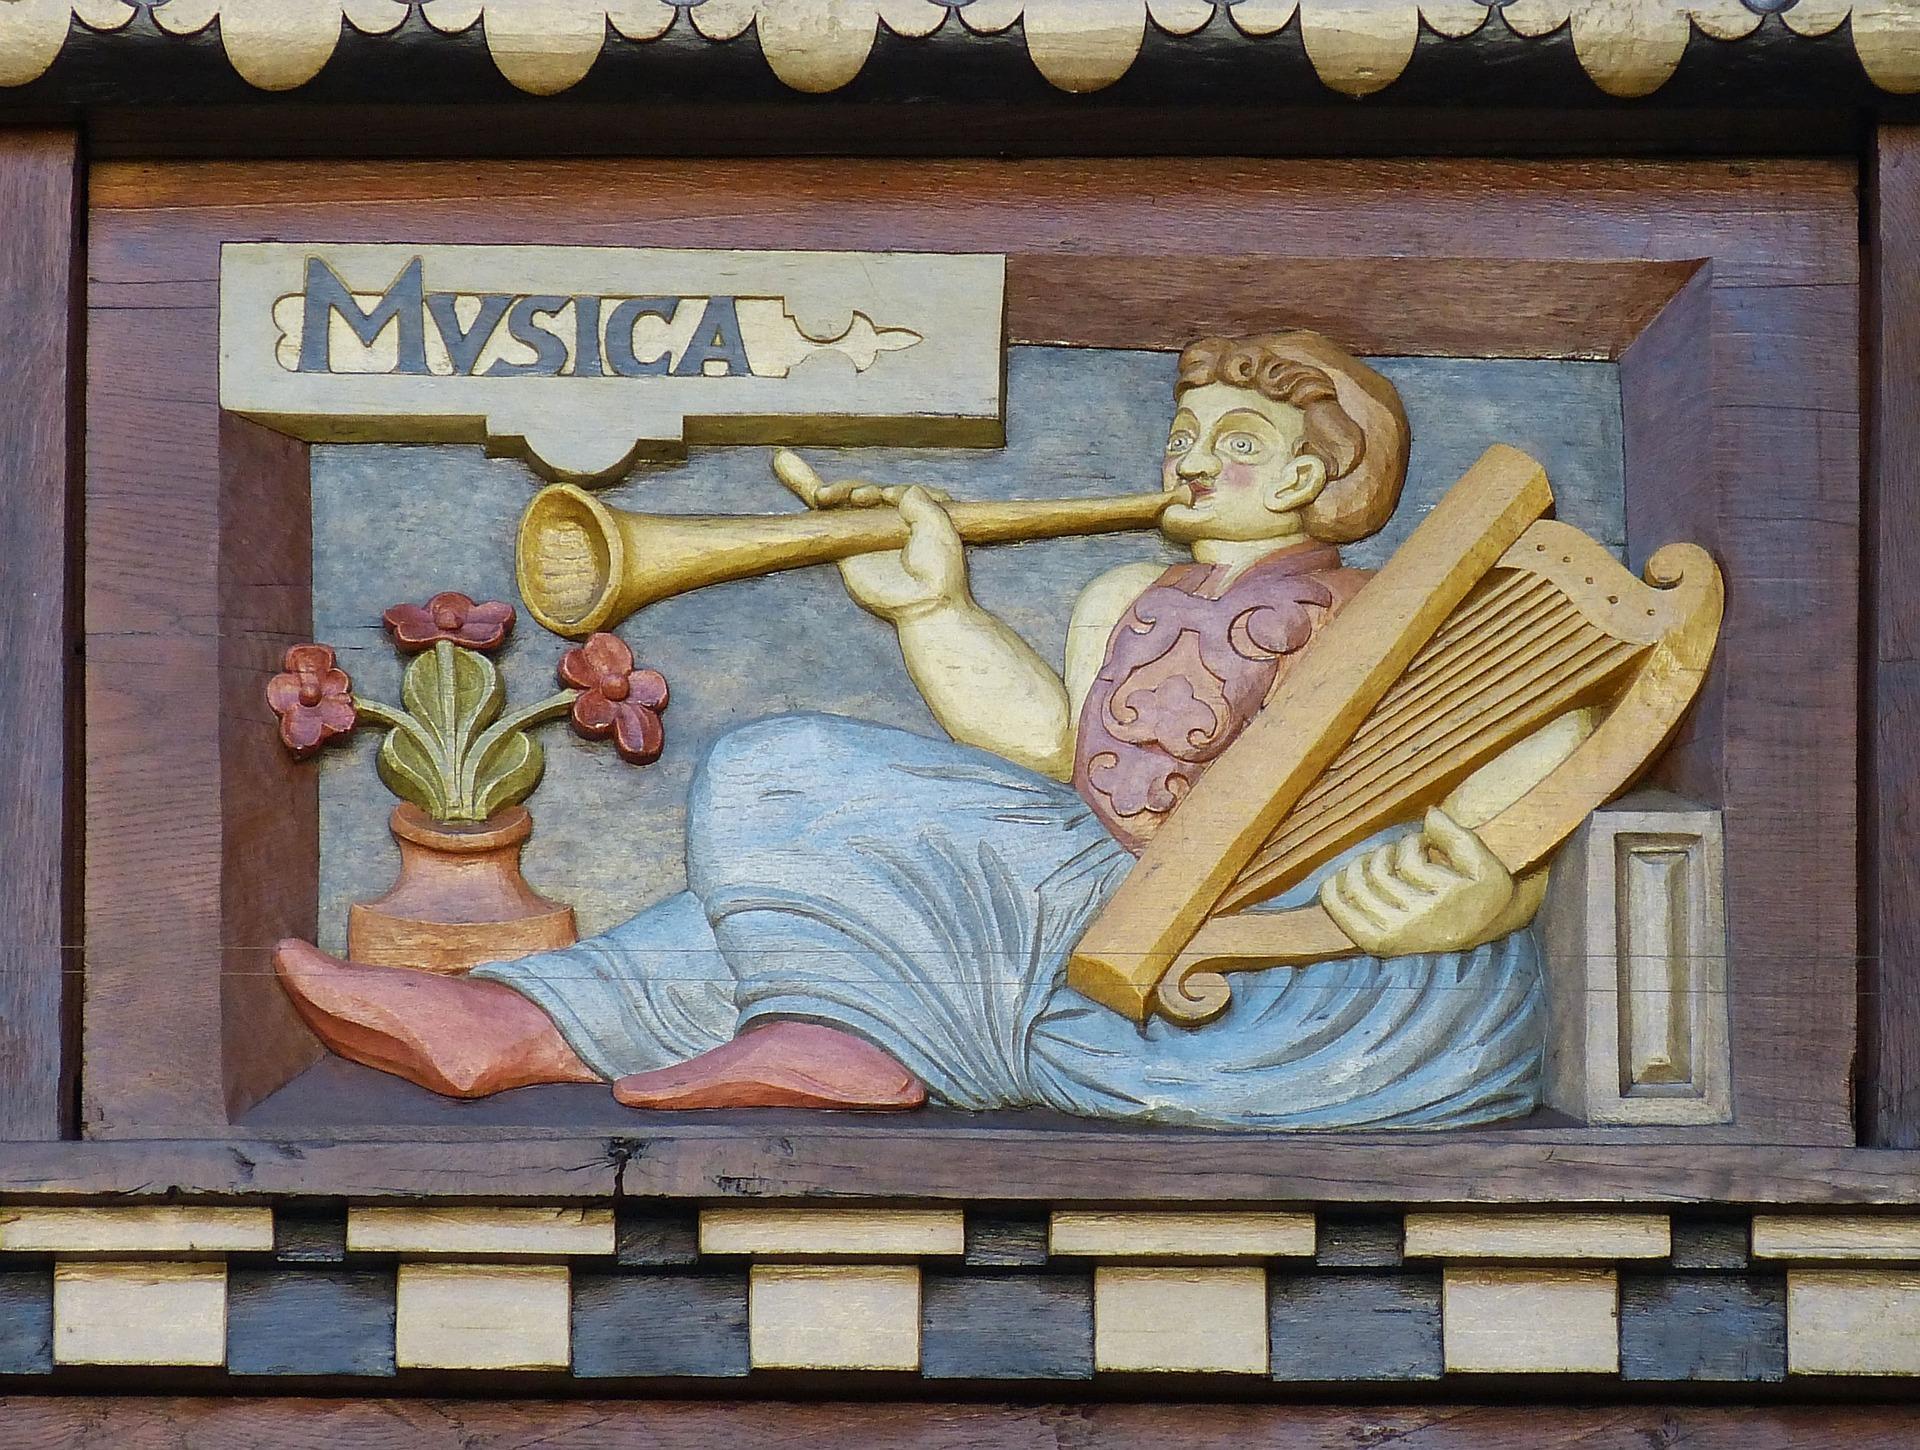 ... sine musica nulla vita ...